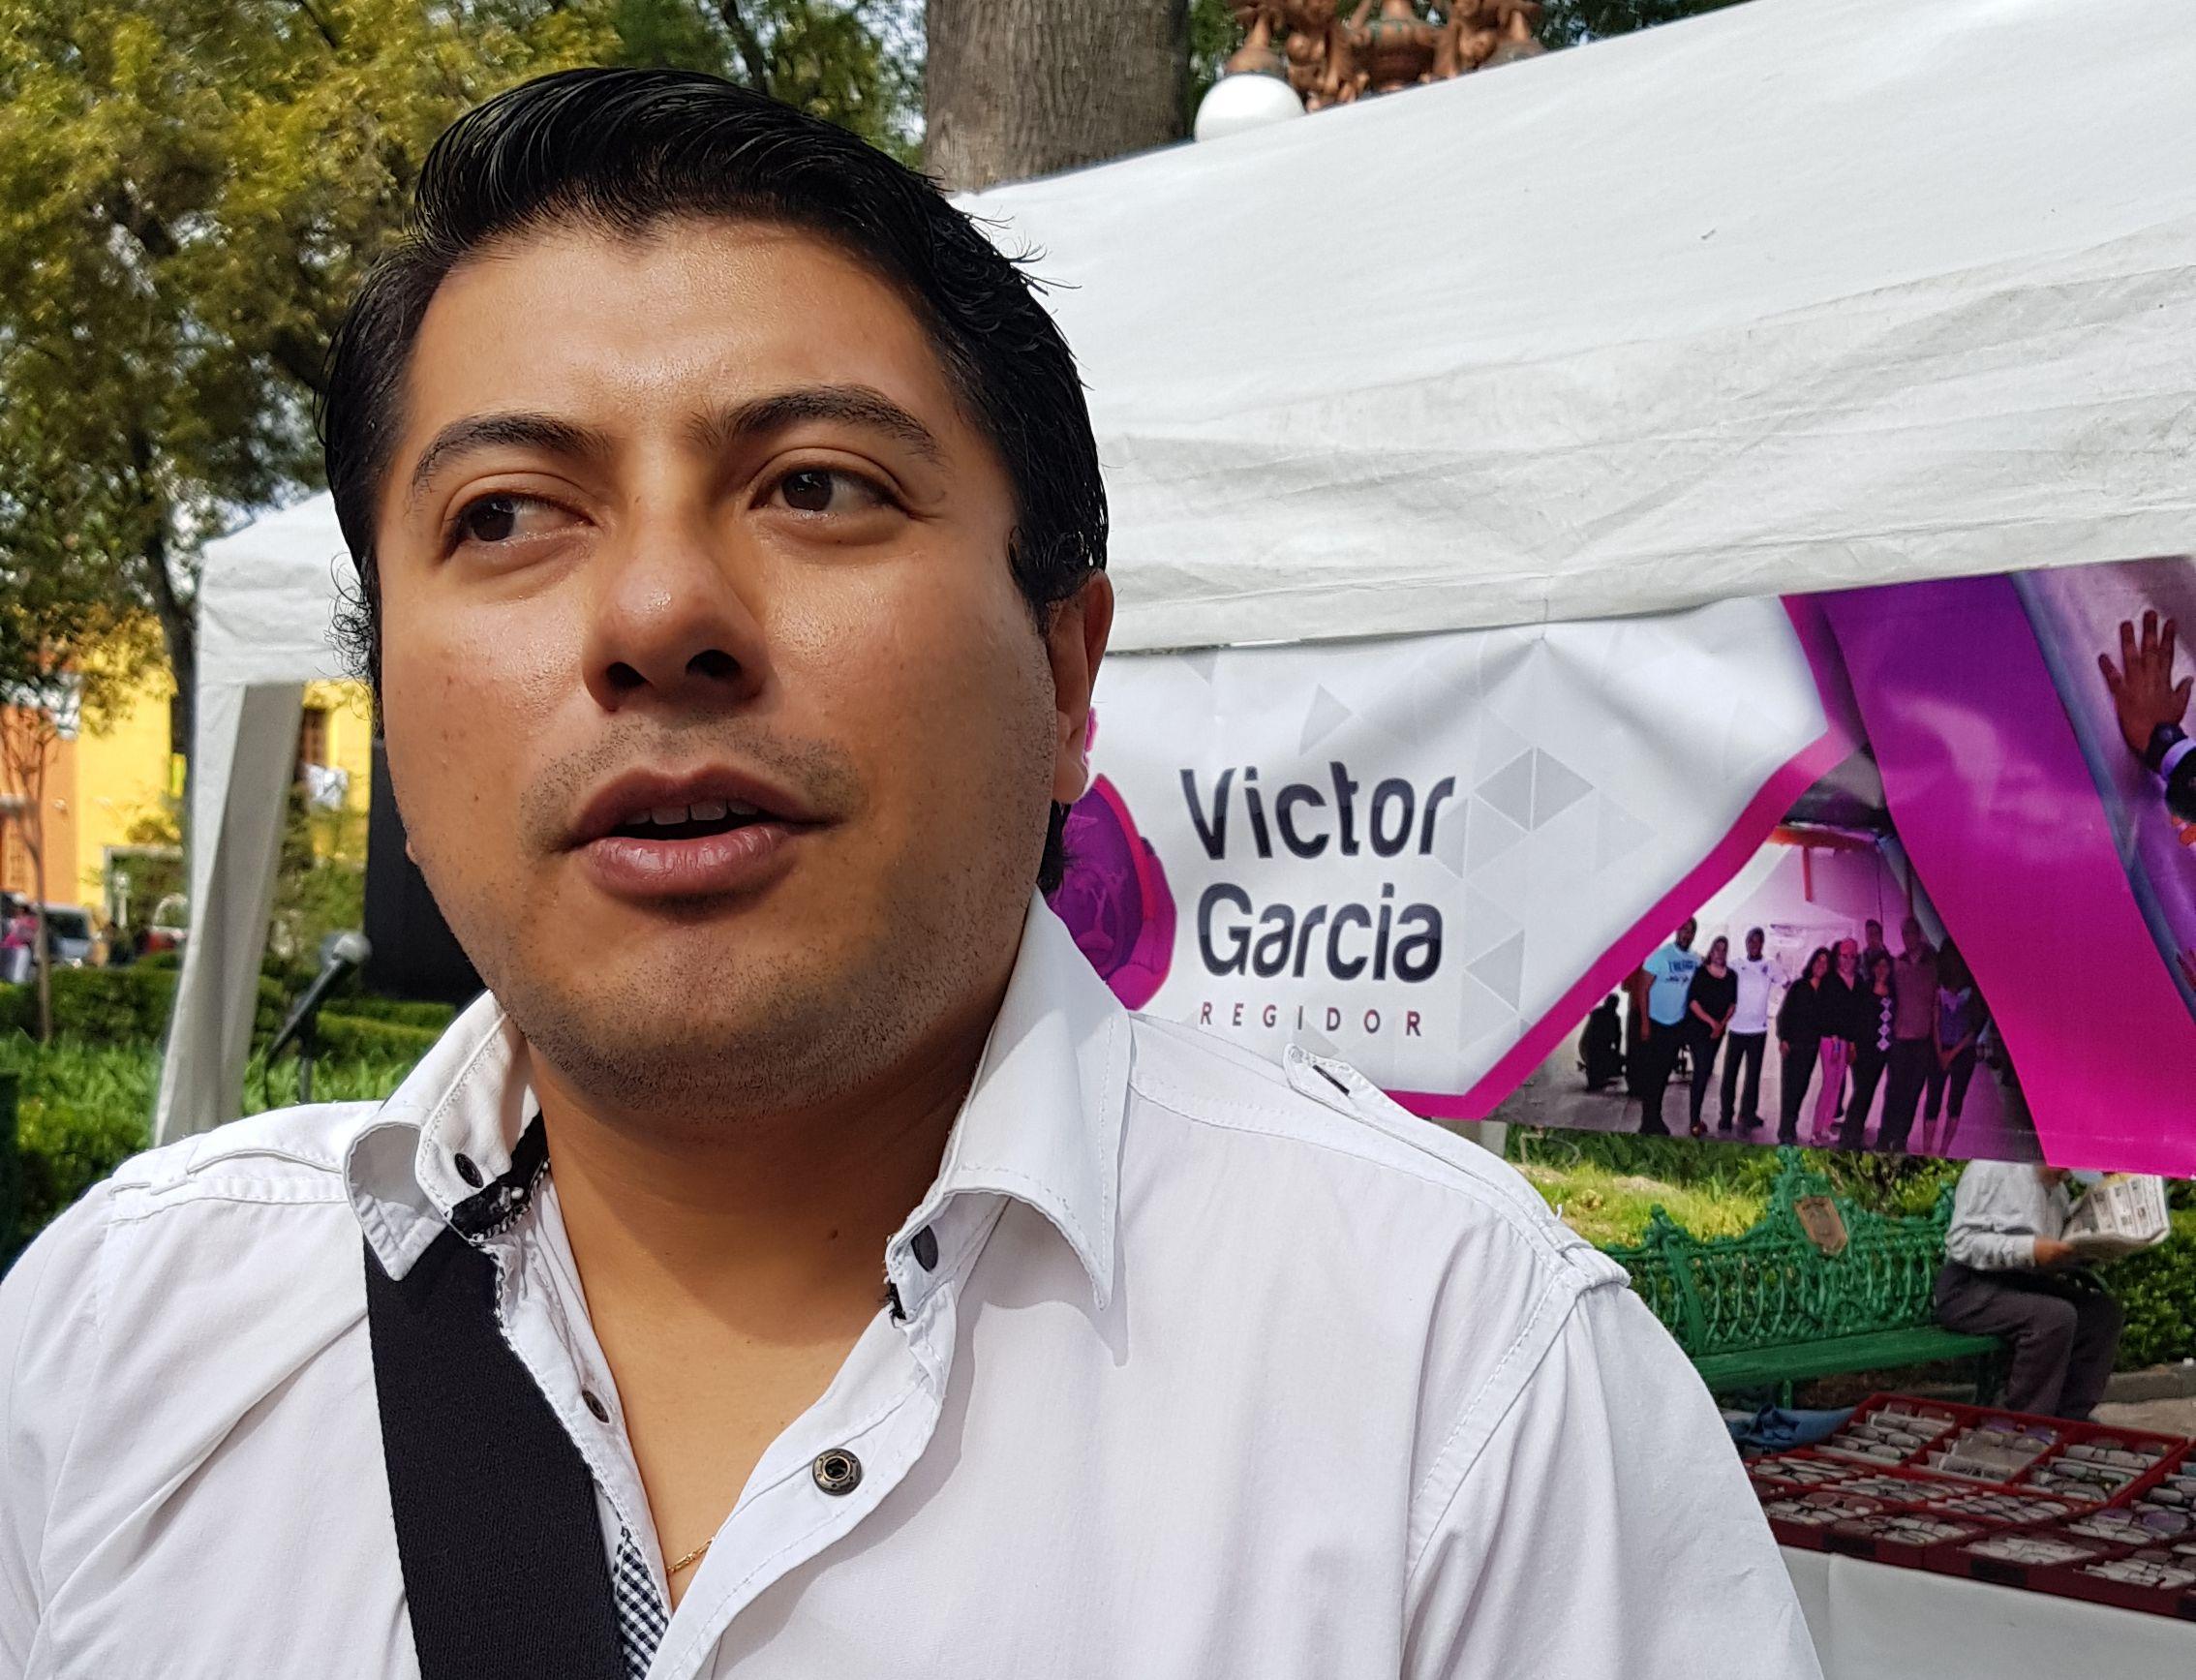 Ofrece Víctor García consultas de especialistas a bajo costo para familias capitalinas